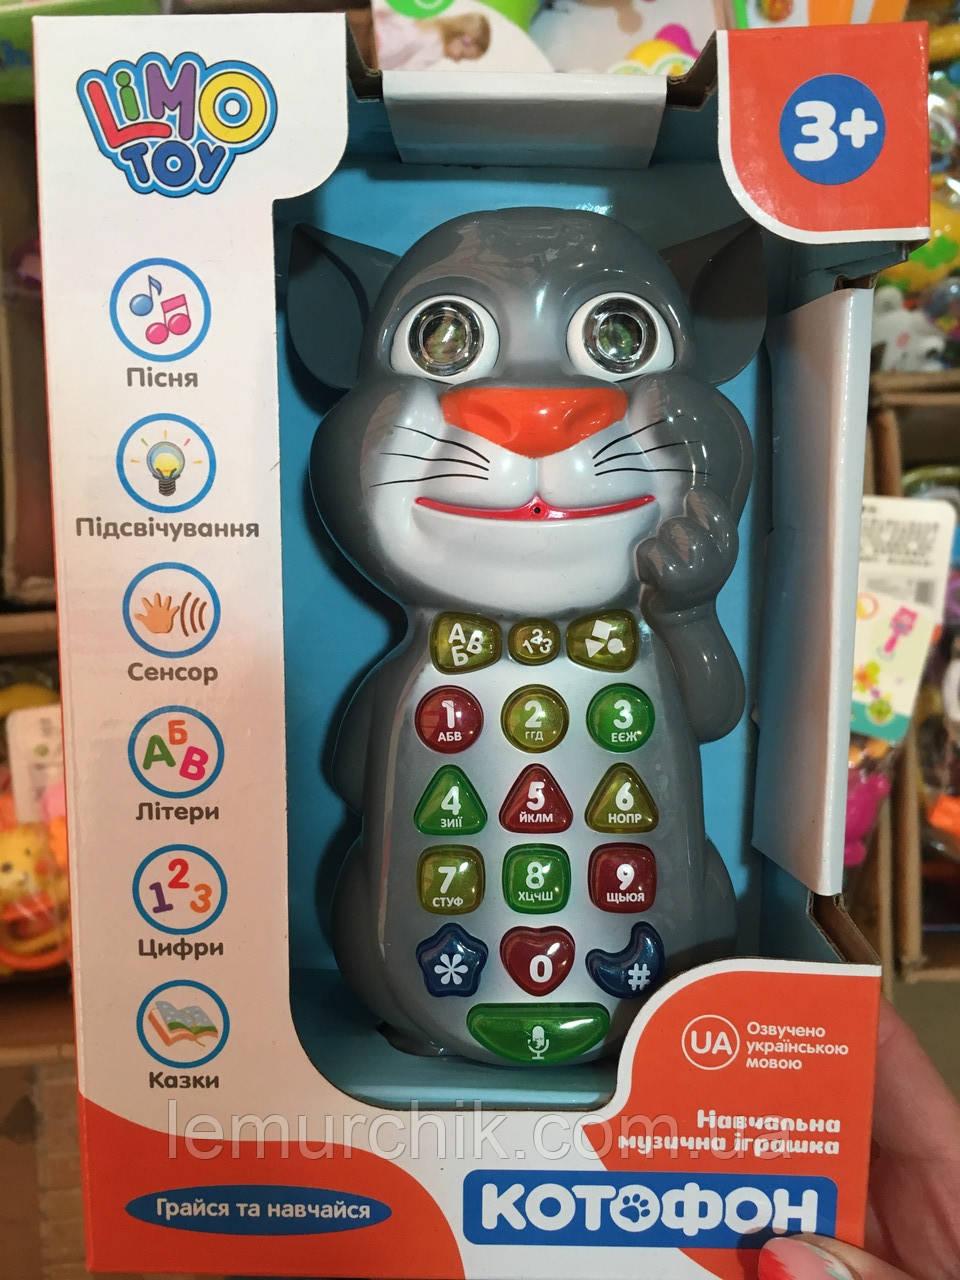 Дитячий розвиваючий телефон Говорящий кот Котофон Limo toy з диктофоном